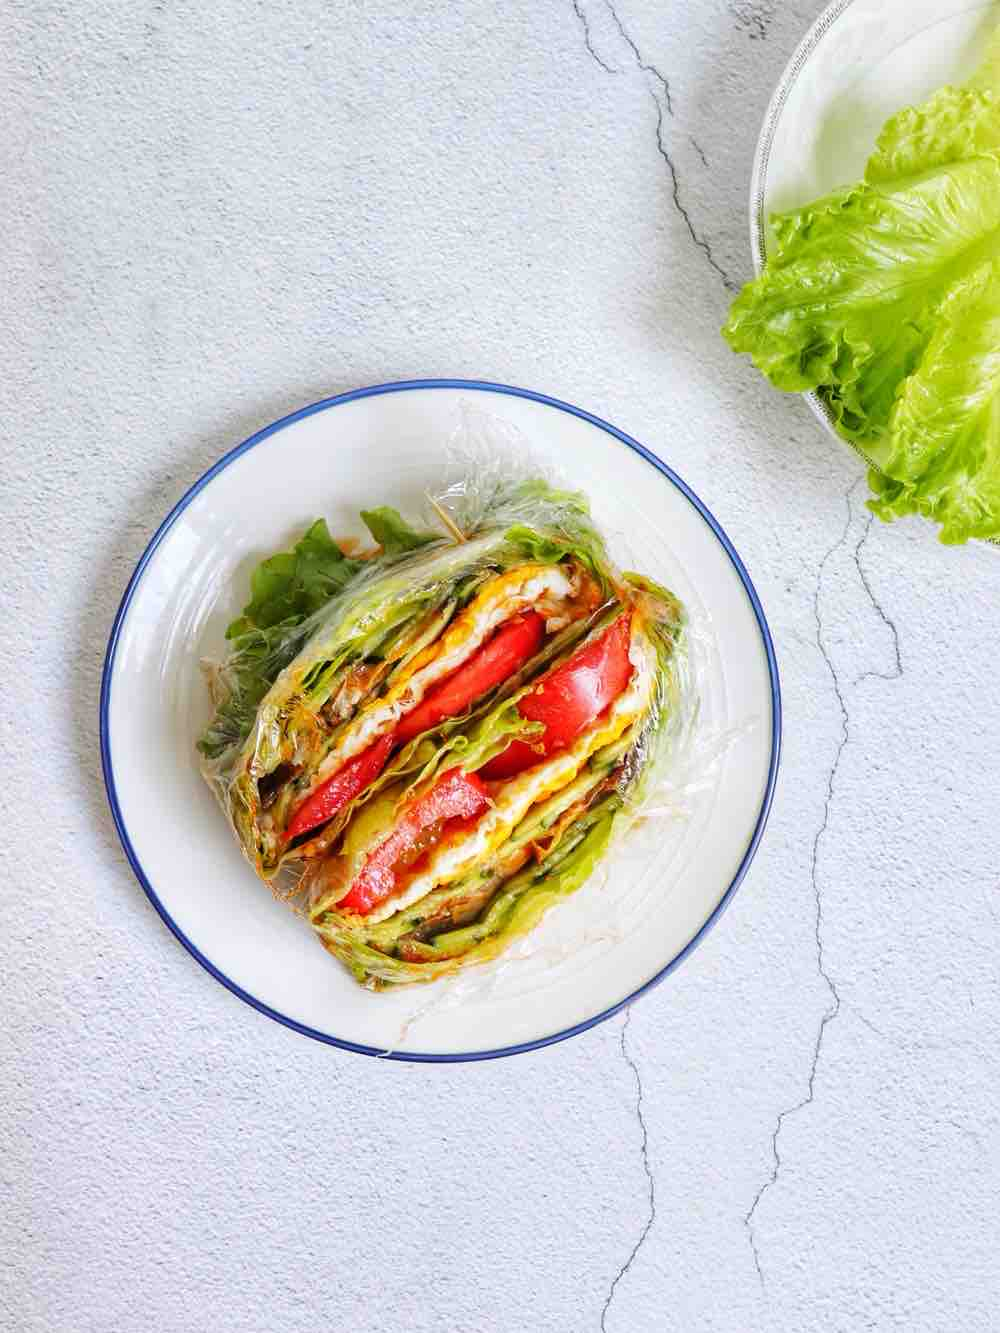 鳗鱼生菜三明治